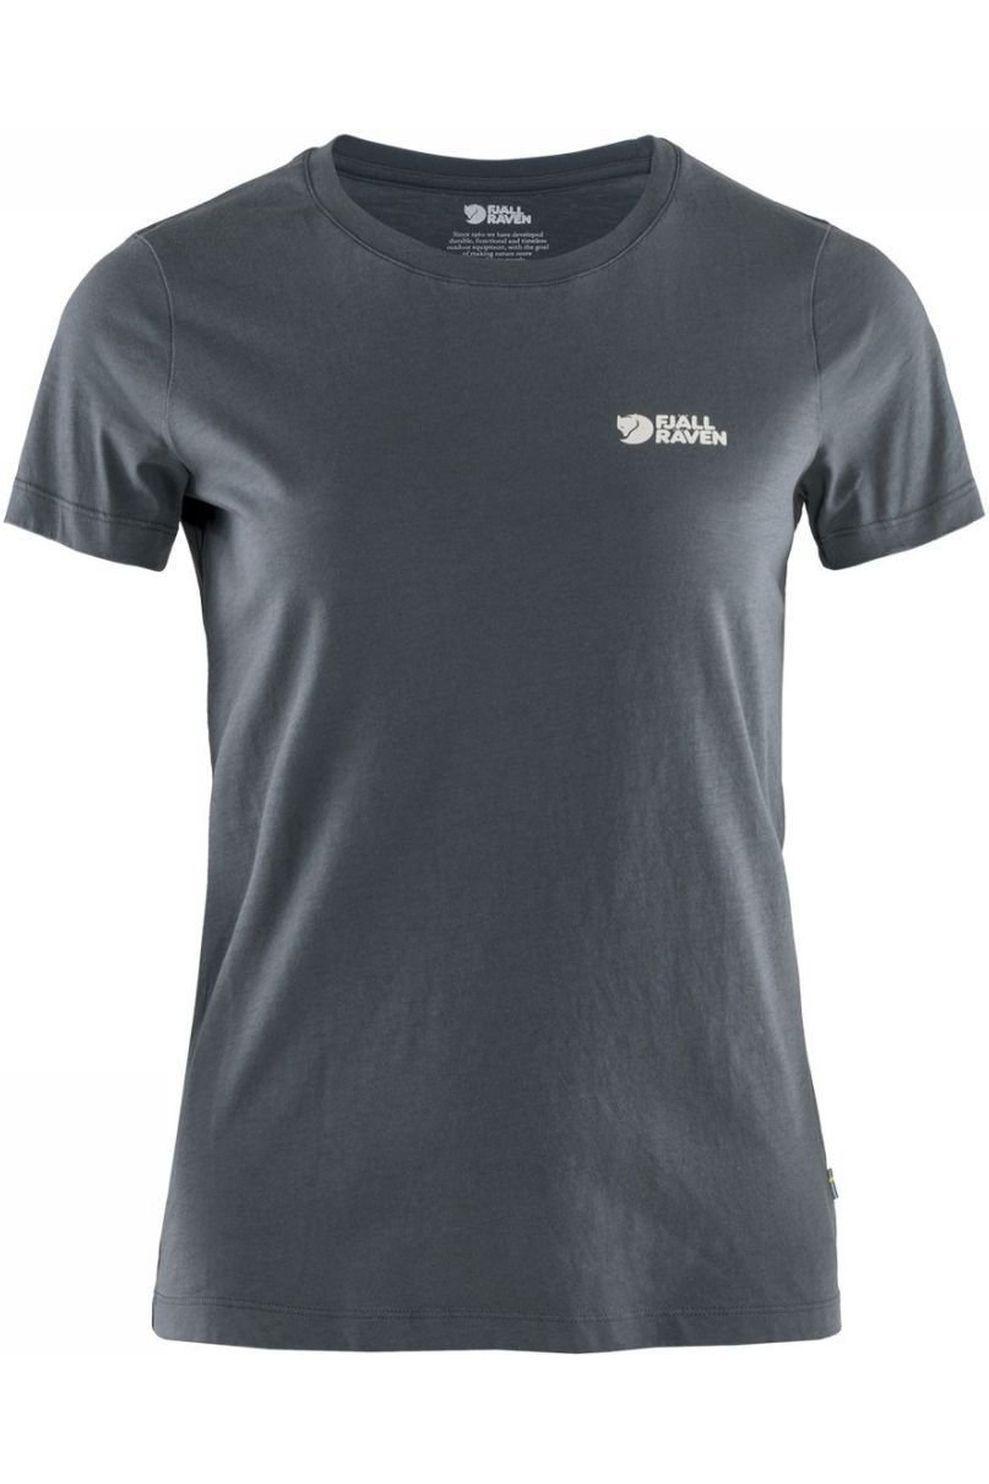 Fjällräven T-Shirt Torneträsk voor dames - Blauw - Maten: XXS, XS, S, M, L, XL